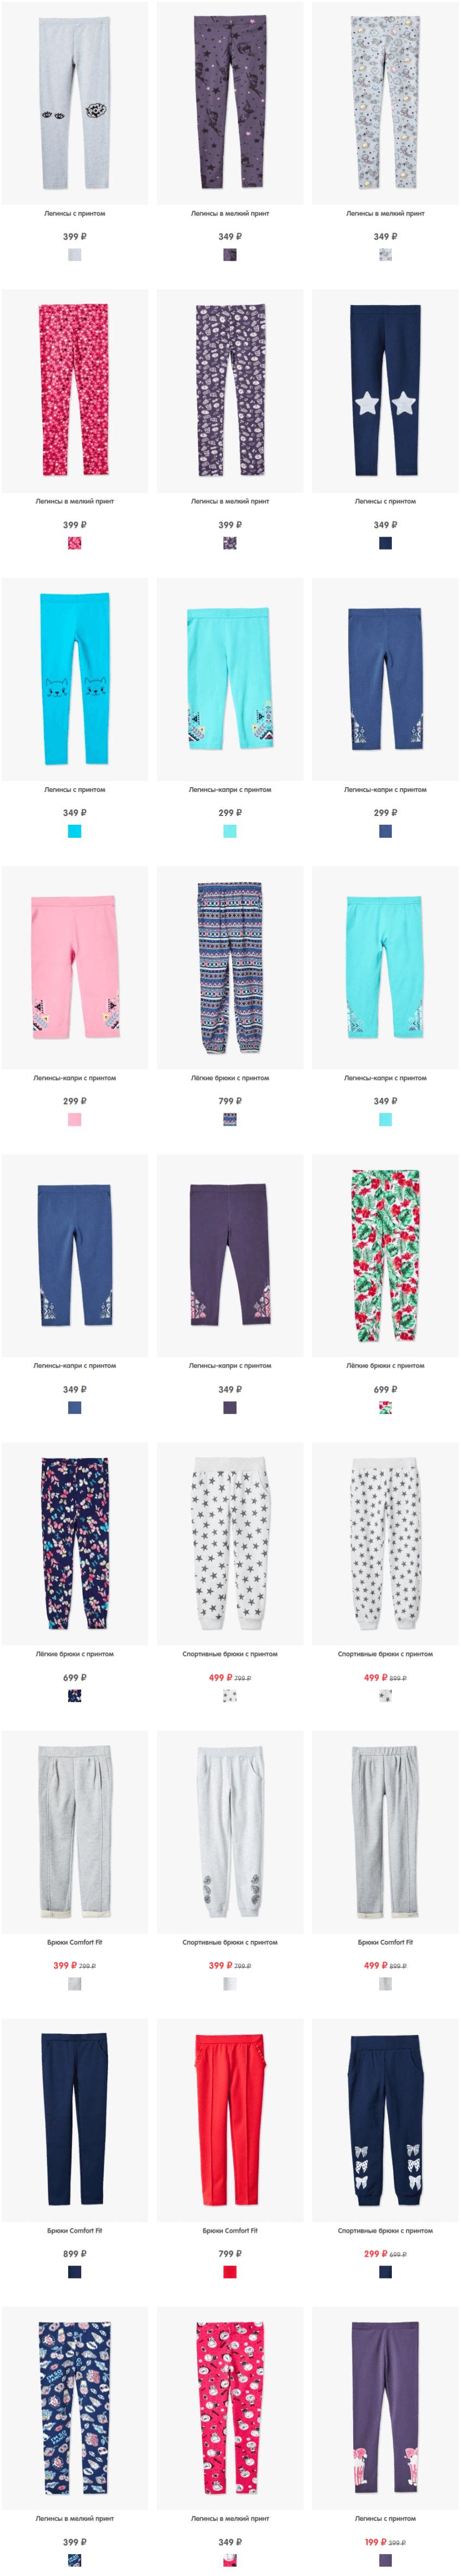 Брюки для девочек в интернет-магазине одежды Funday